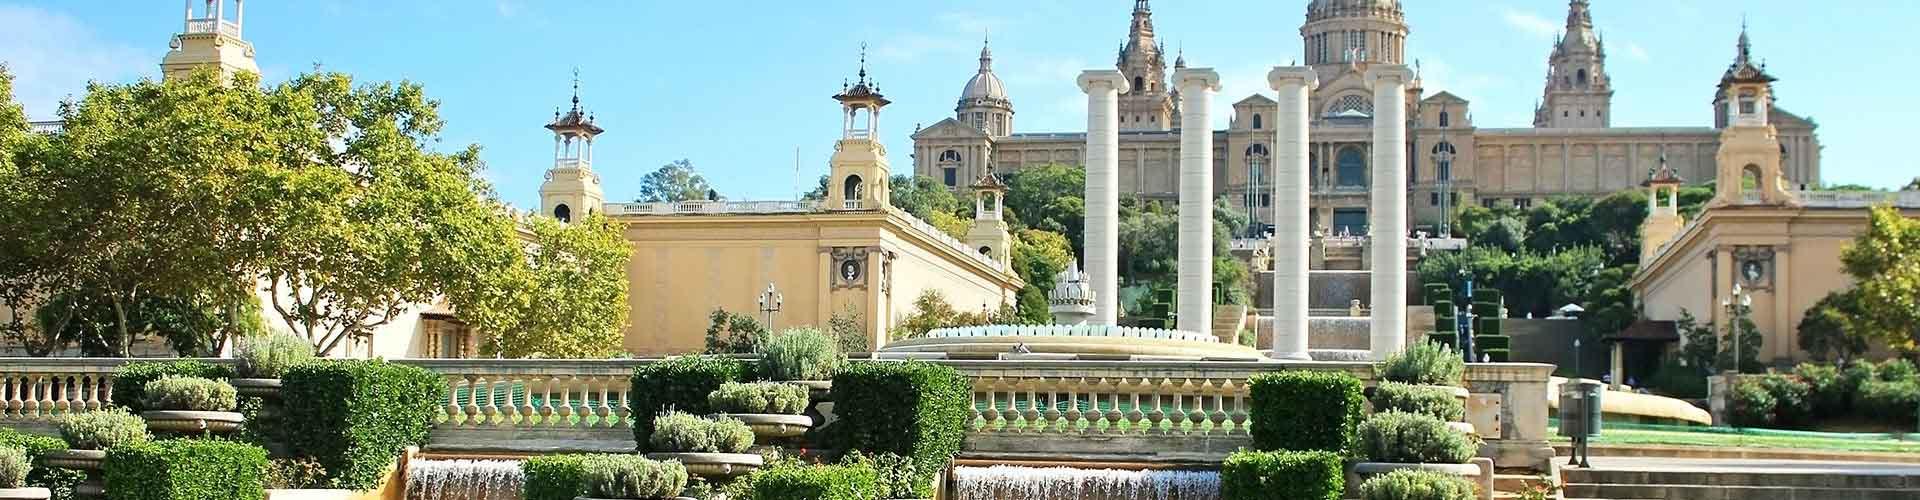 바르셀로나 - Sagrada Família와 가까운 호스텔. 바르셀로나의 지도, 바르셀로나에 위치한 호스텔 사진 및 후기 정보.